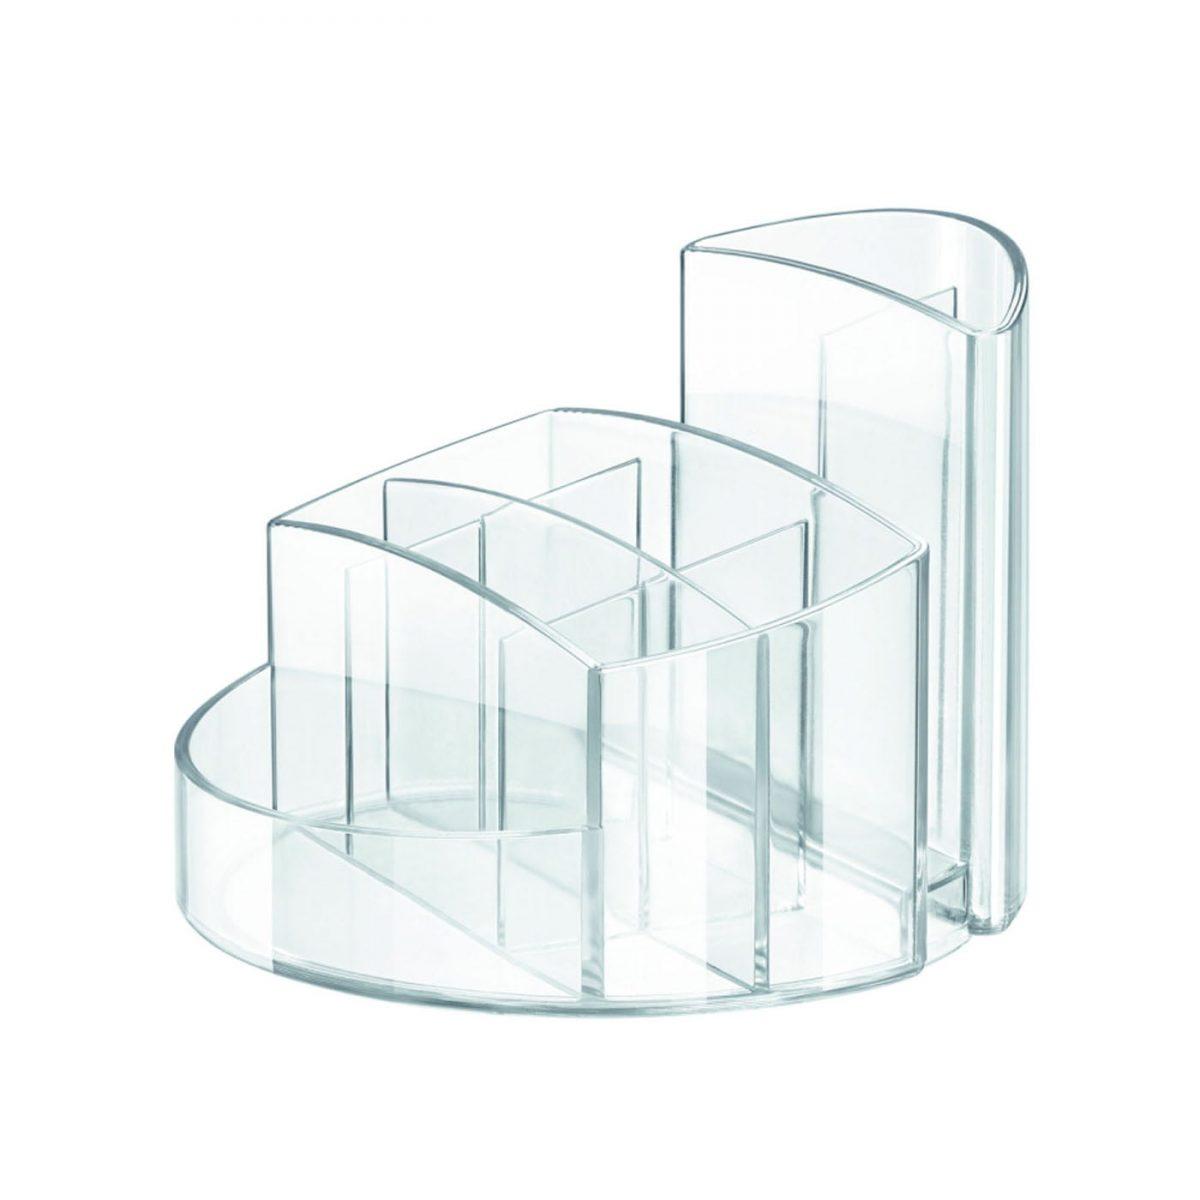 Suport pentru articole de birou, HAN Rondo - transparent cristal